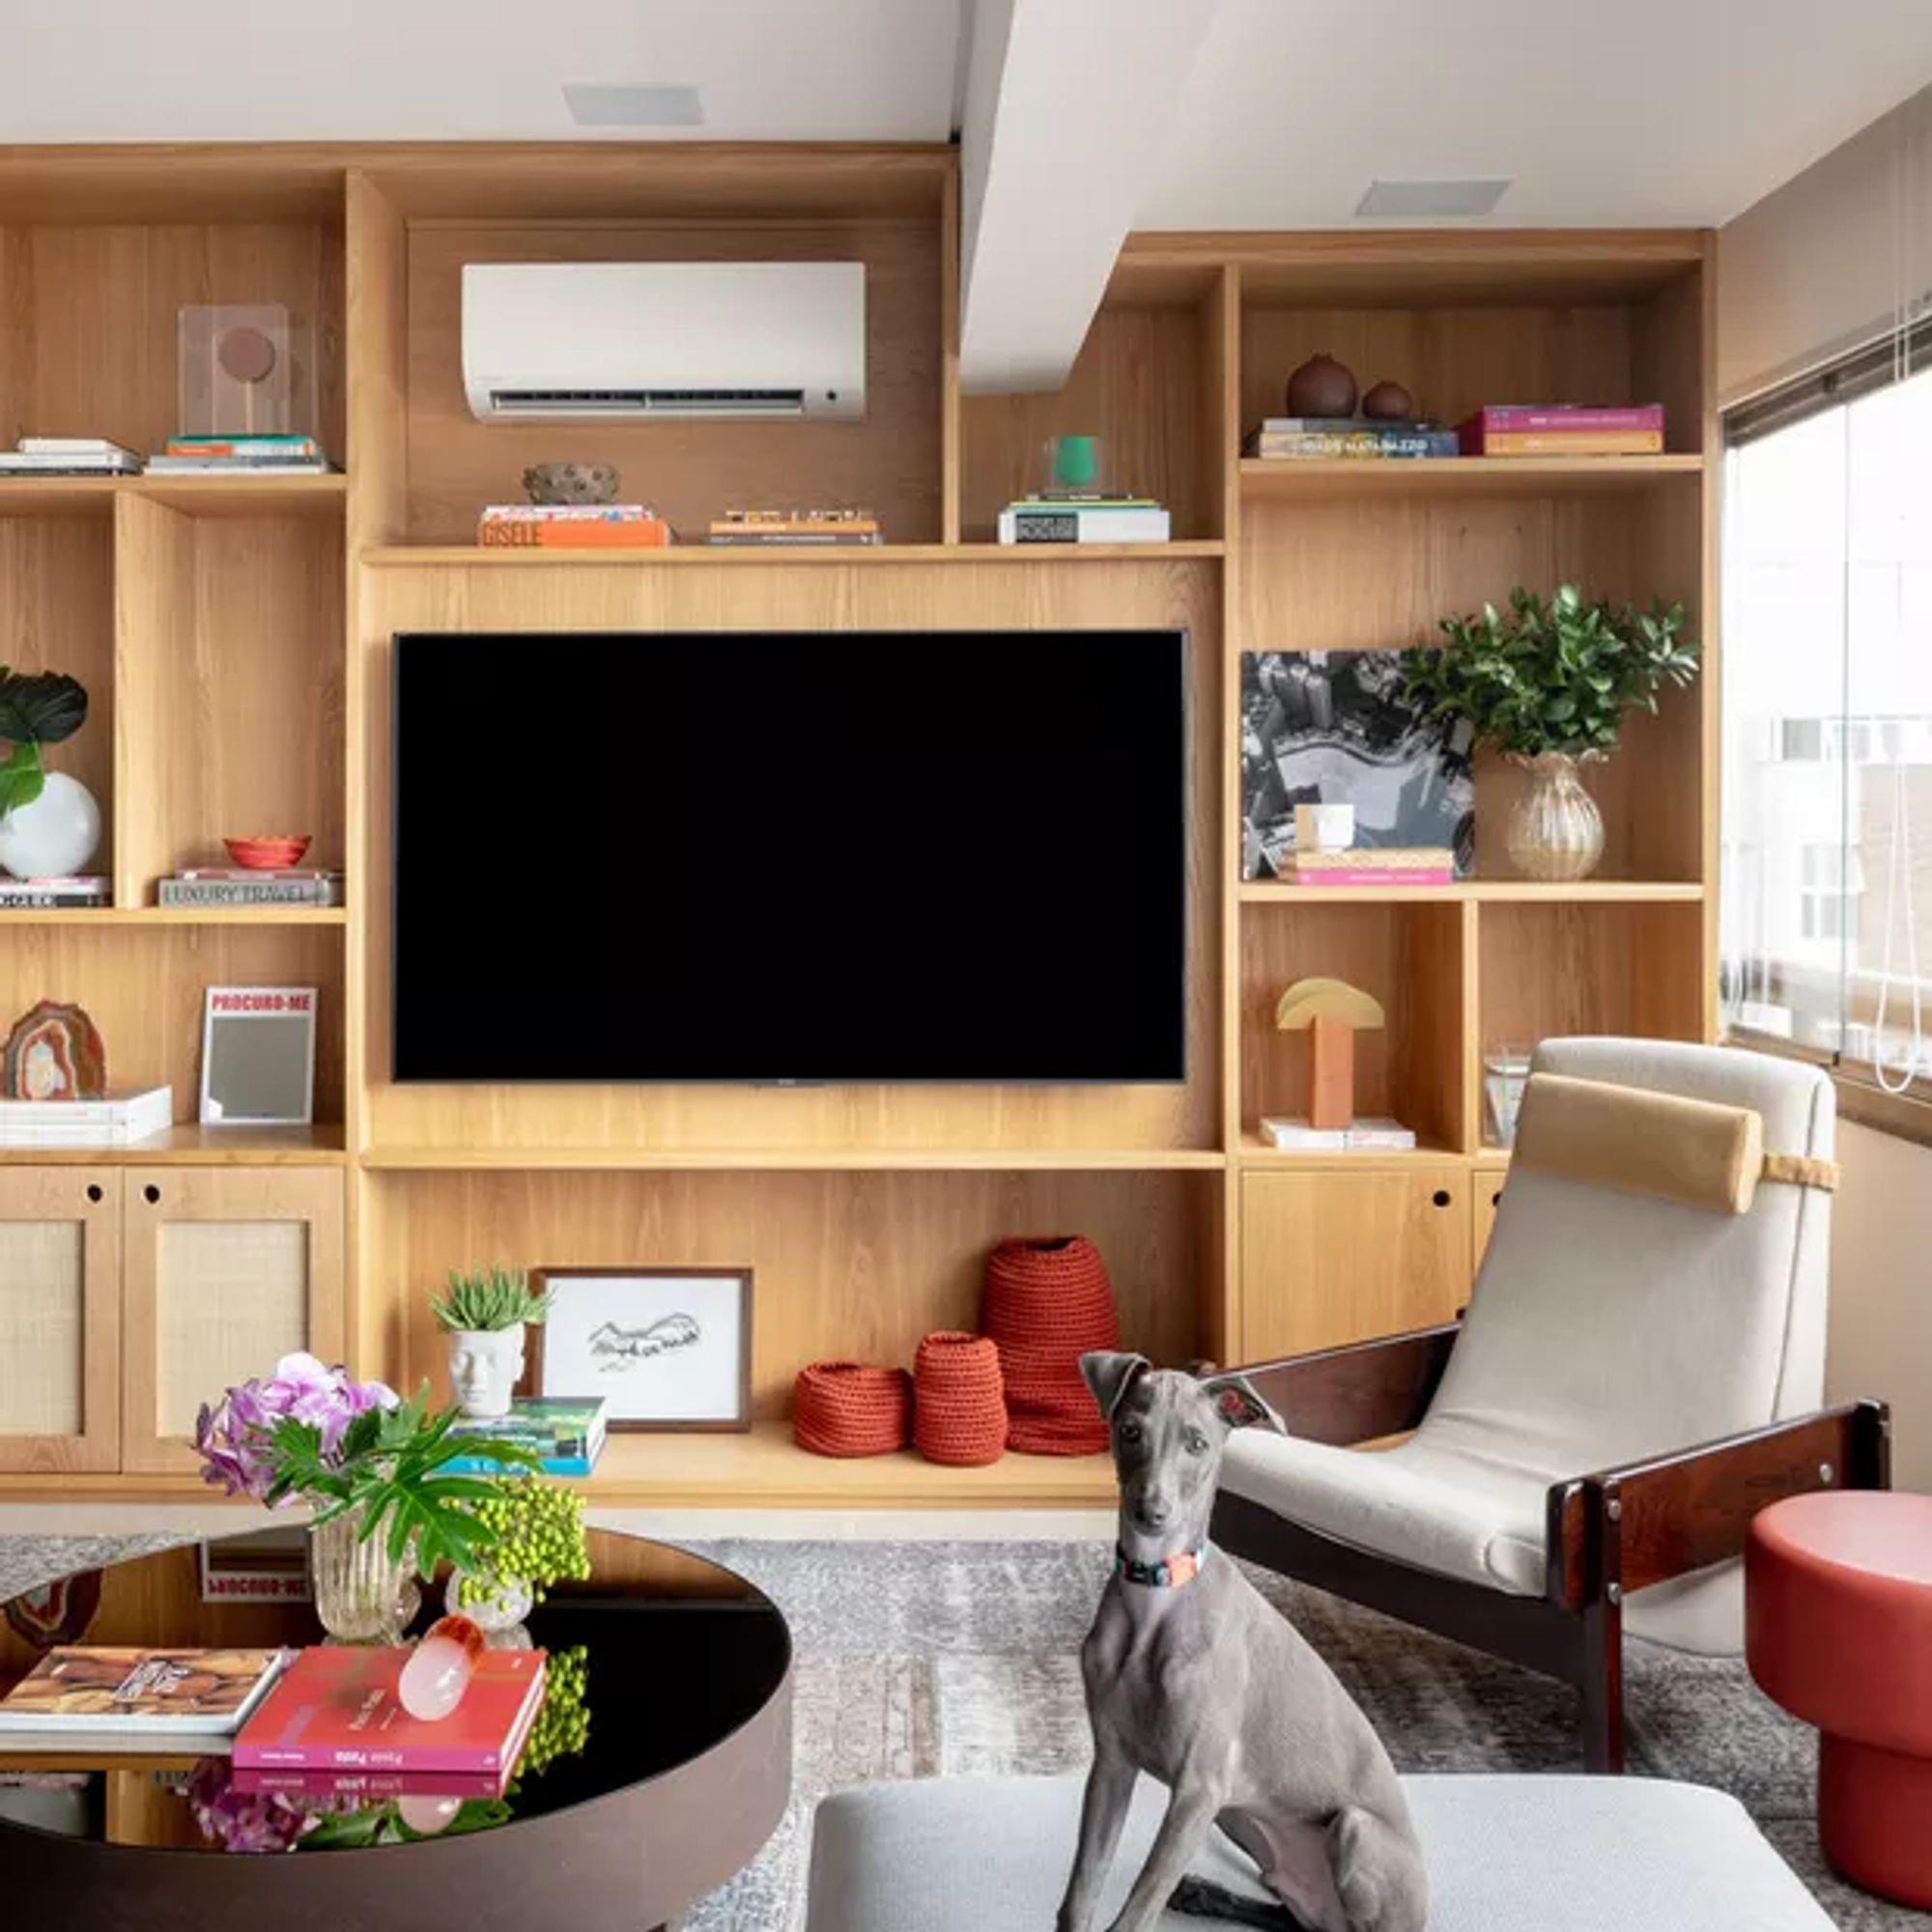 Foto de Sala com vaso de planta, televisão, vaso, cão, cadeira, livro